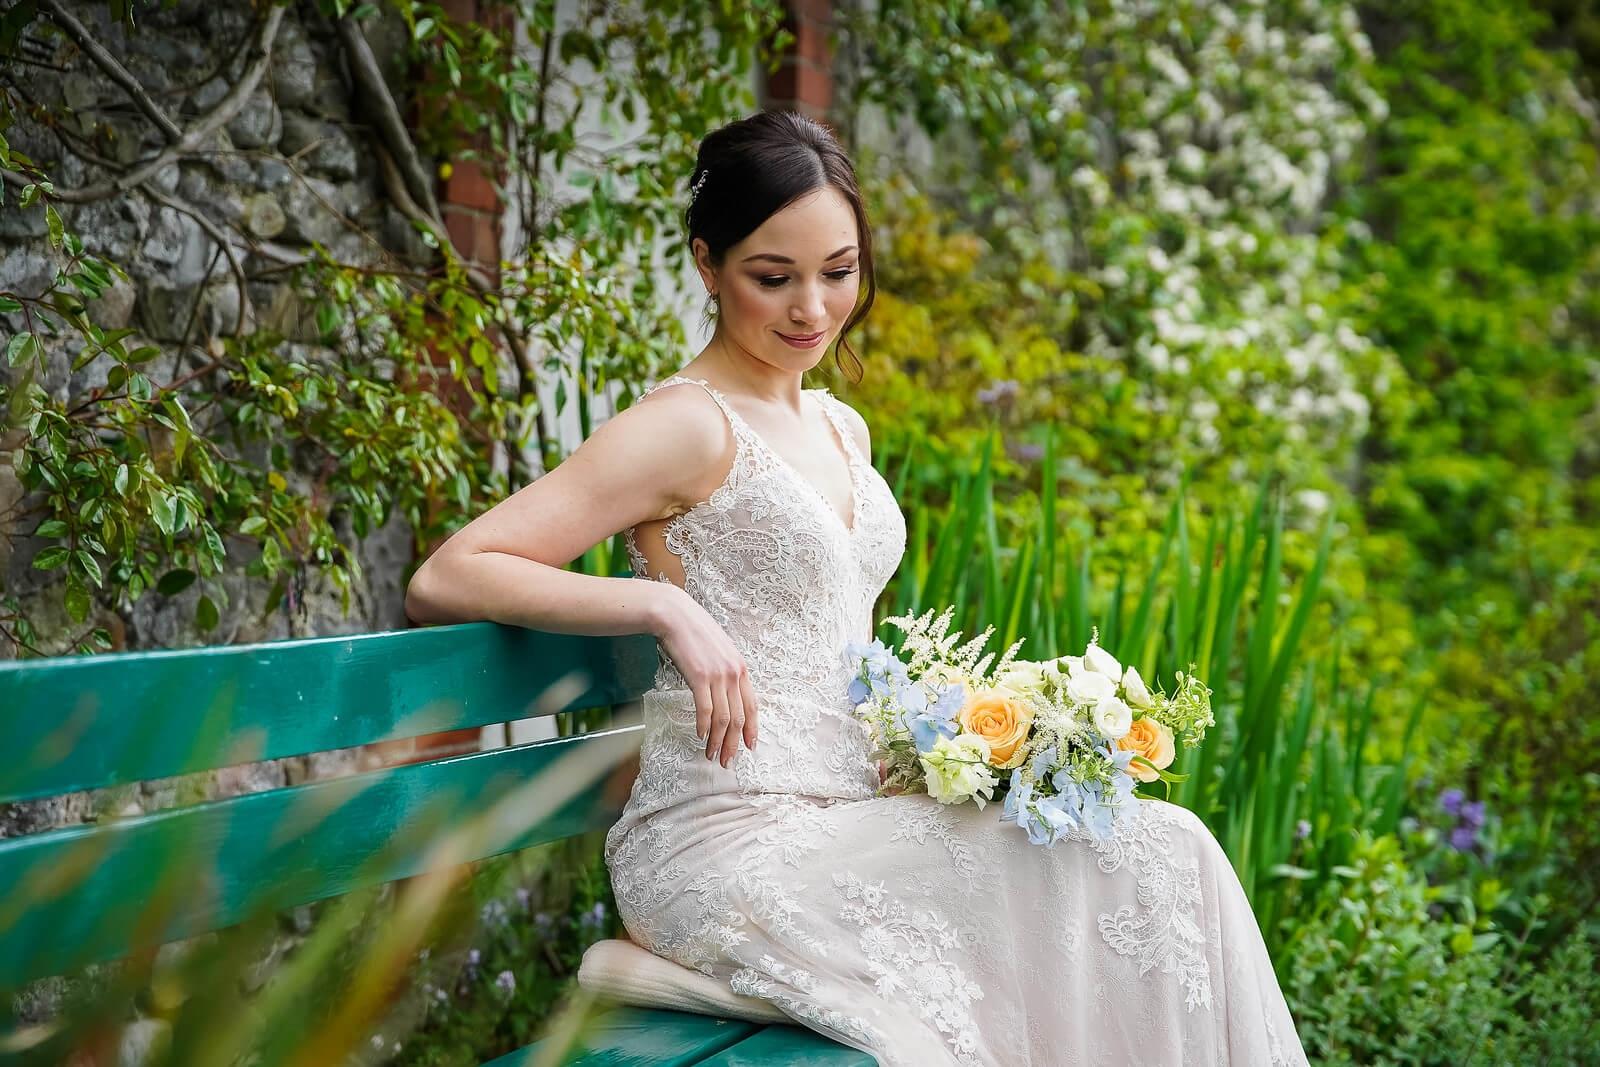 bride garden bench